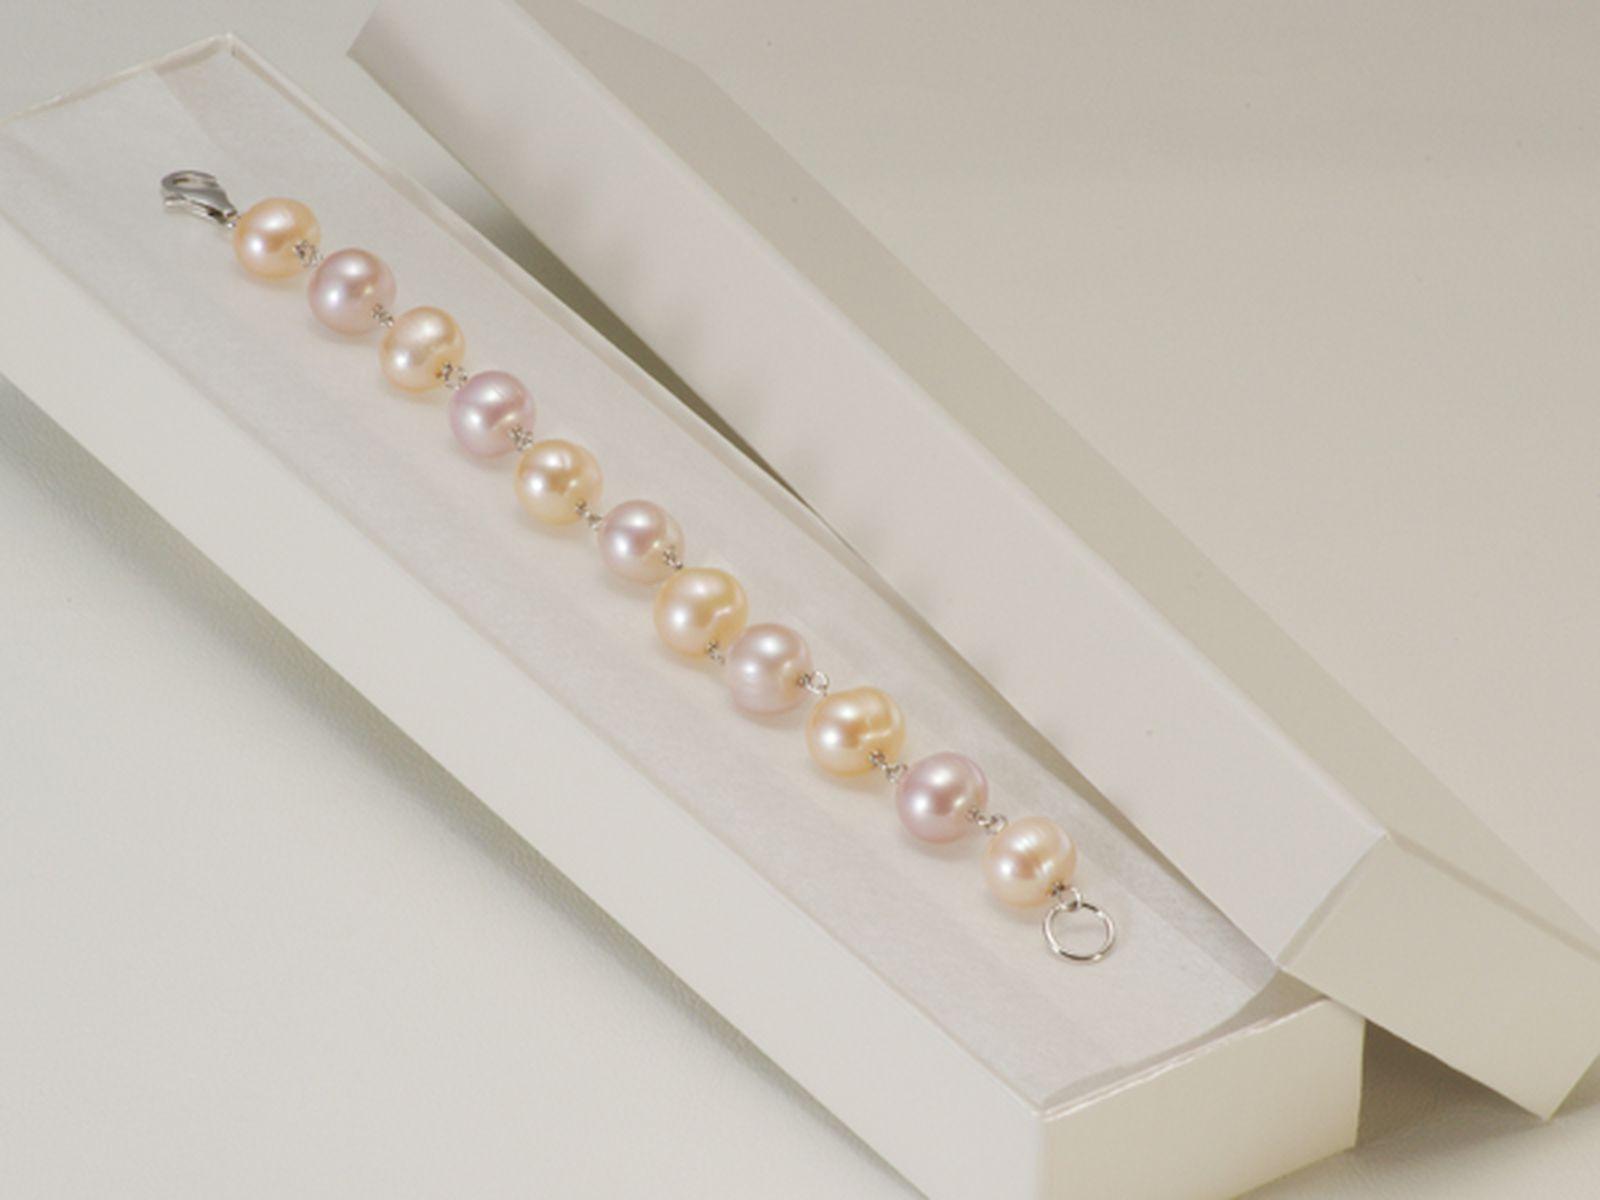 淡水真珠ブレスレット 約9.0-10.0mmの写真